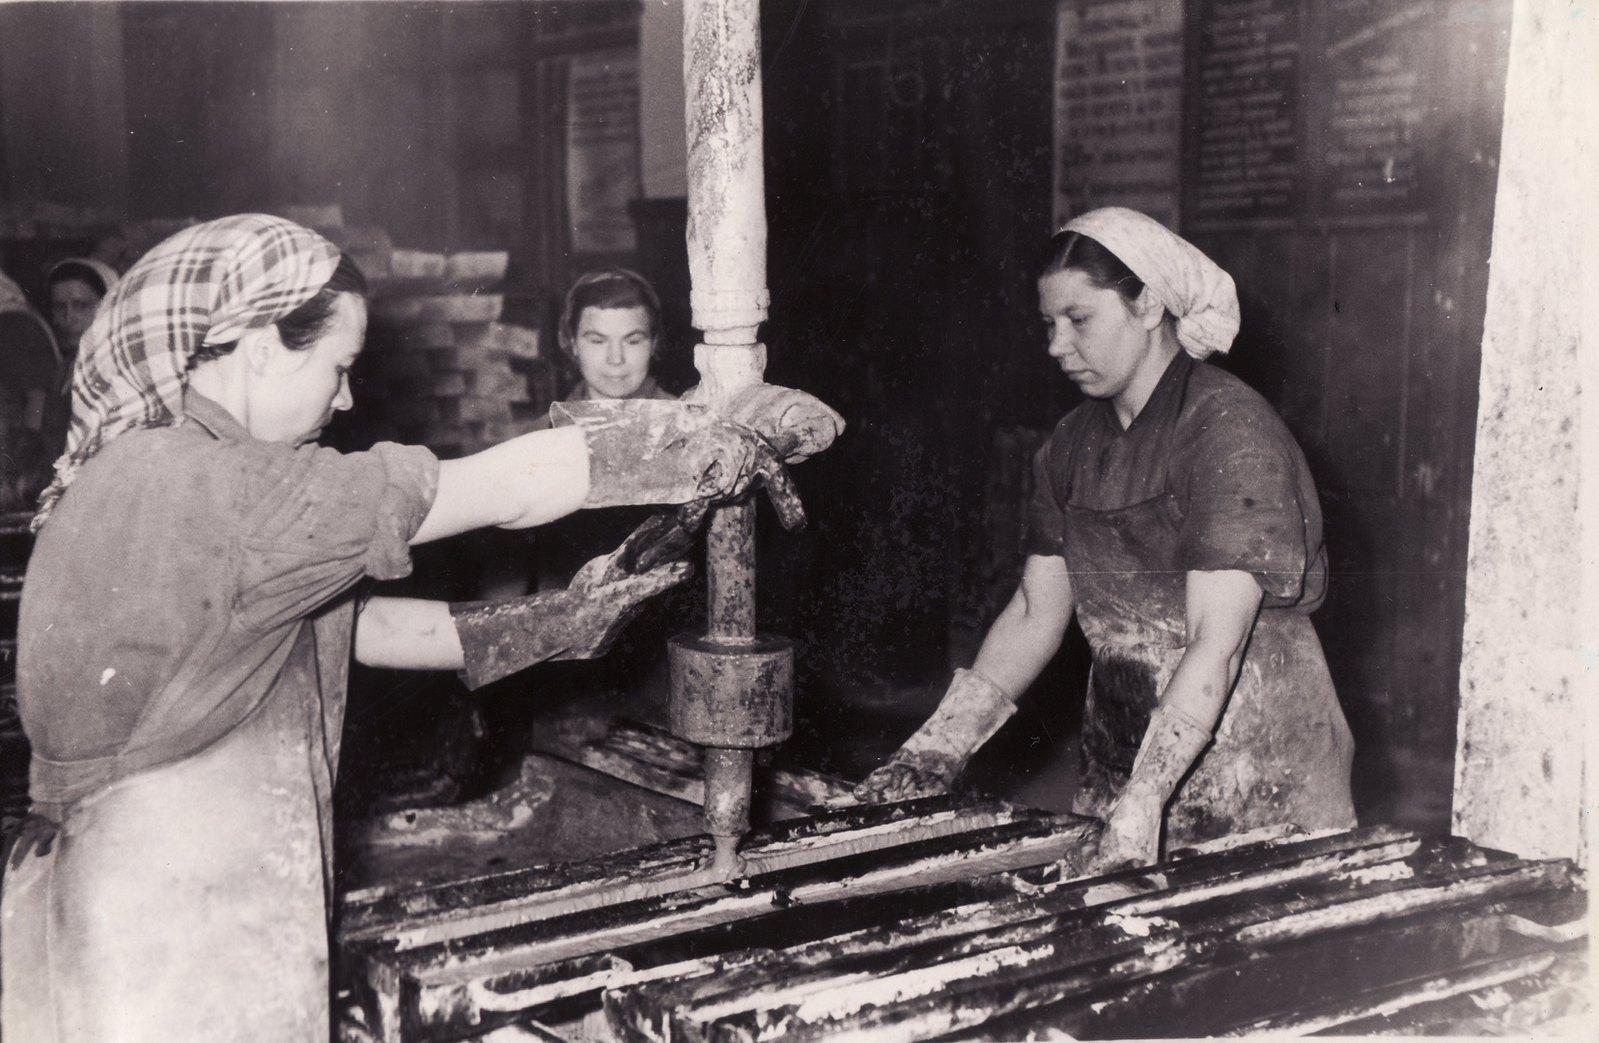 1965. Инзенский диатомовый комбинат. Формовка